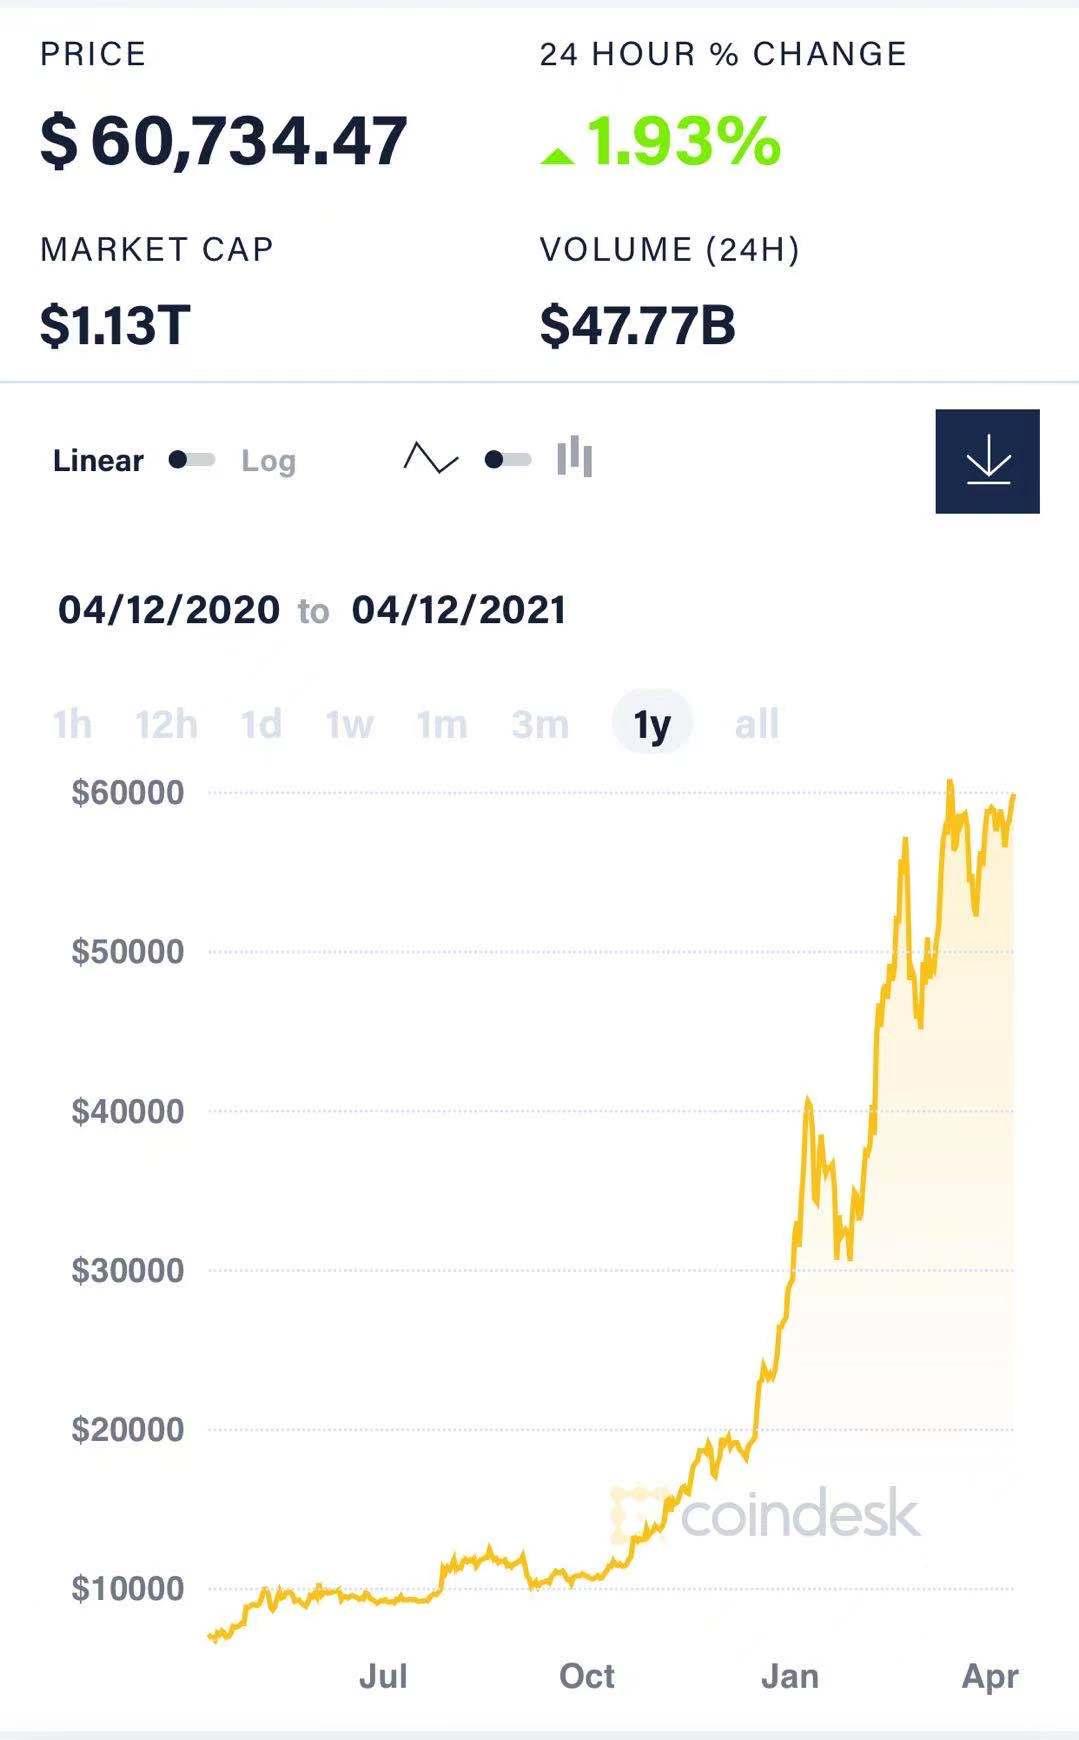 比特币近一年来价格走势。